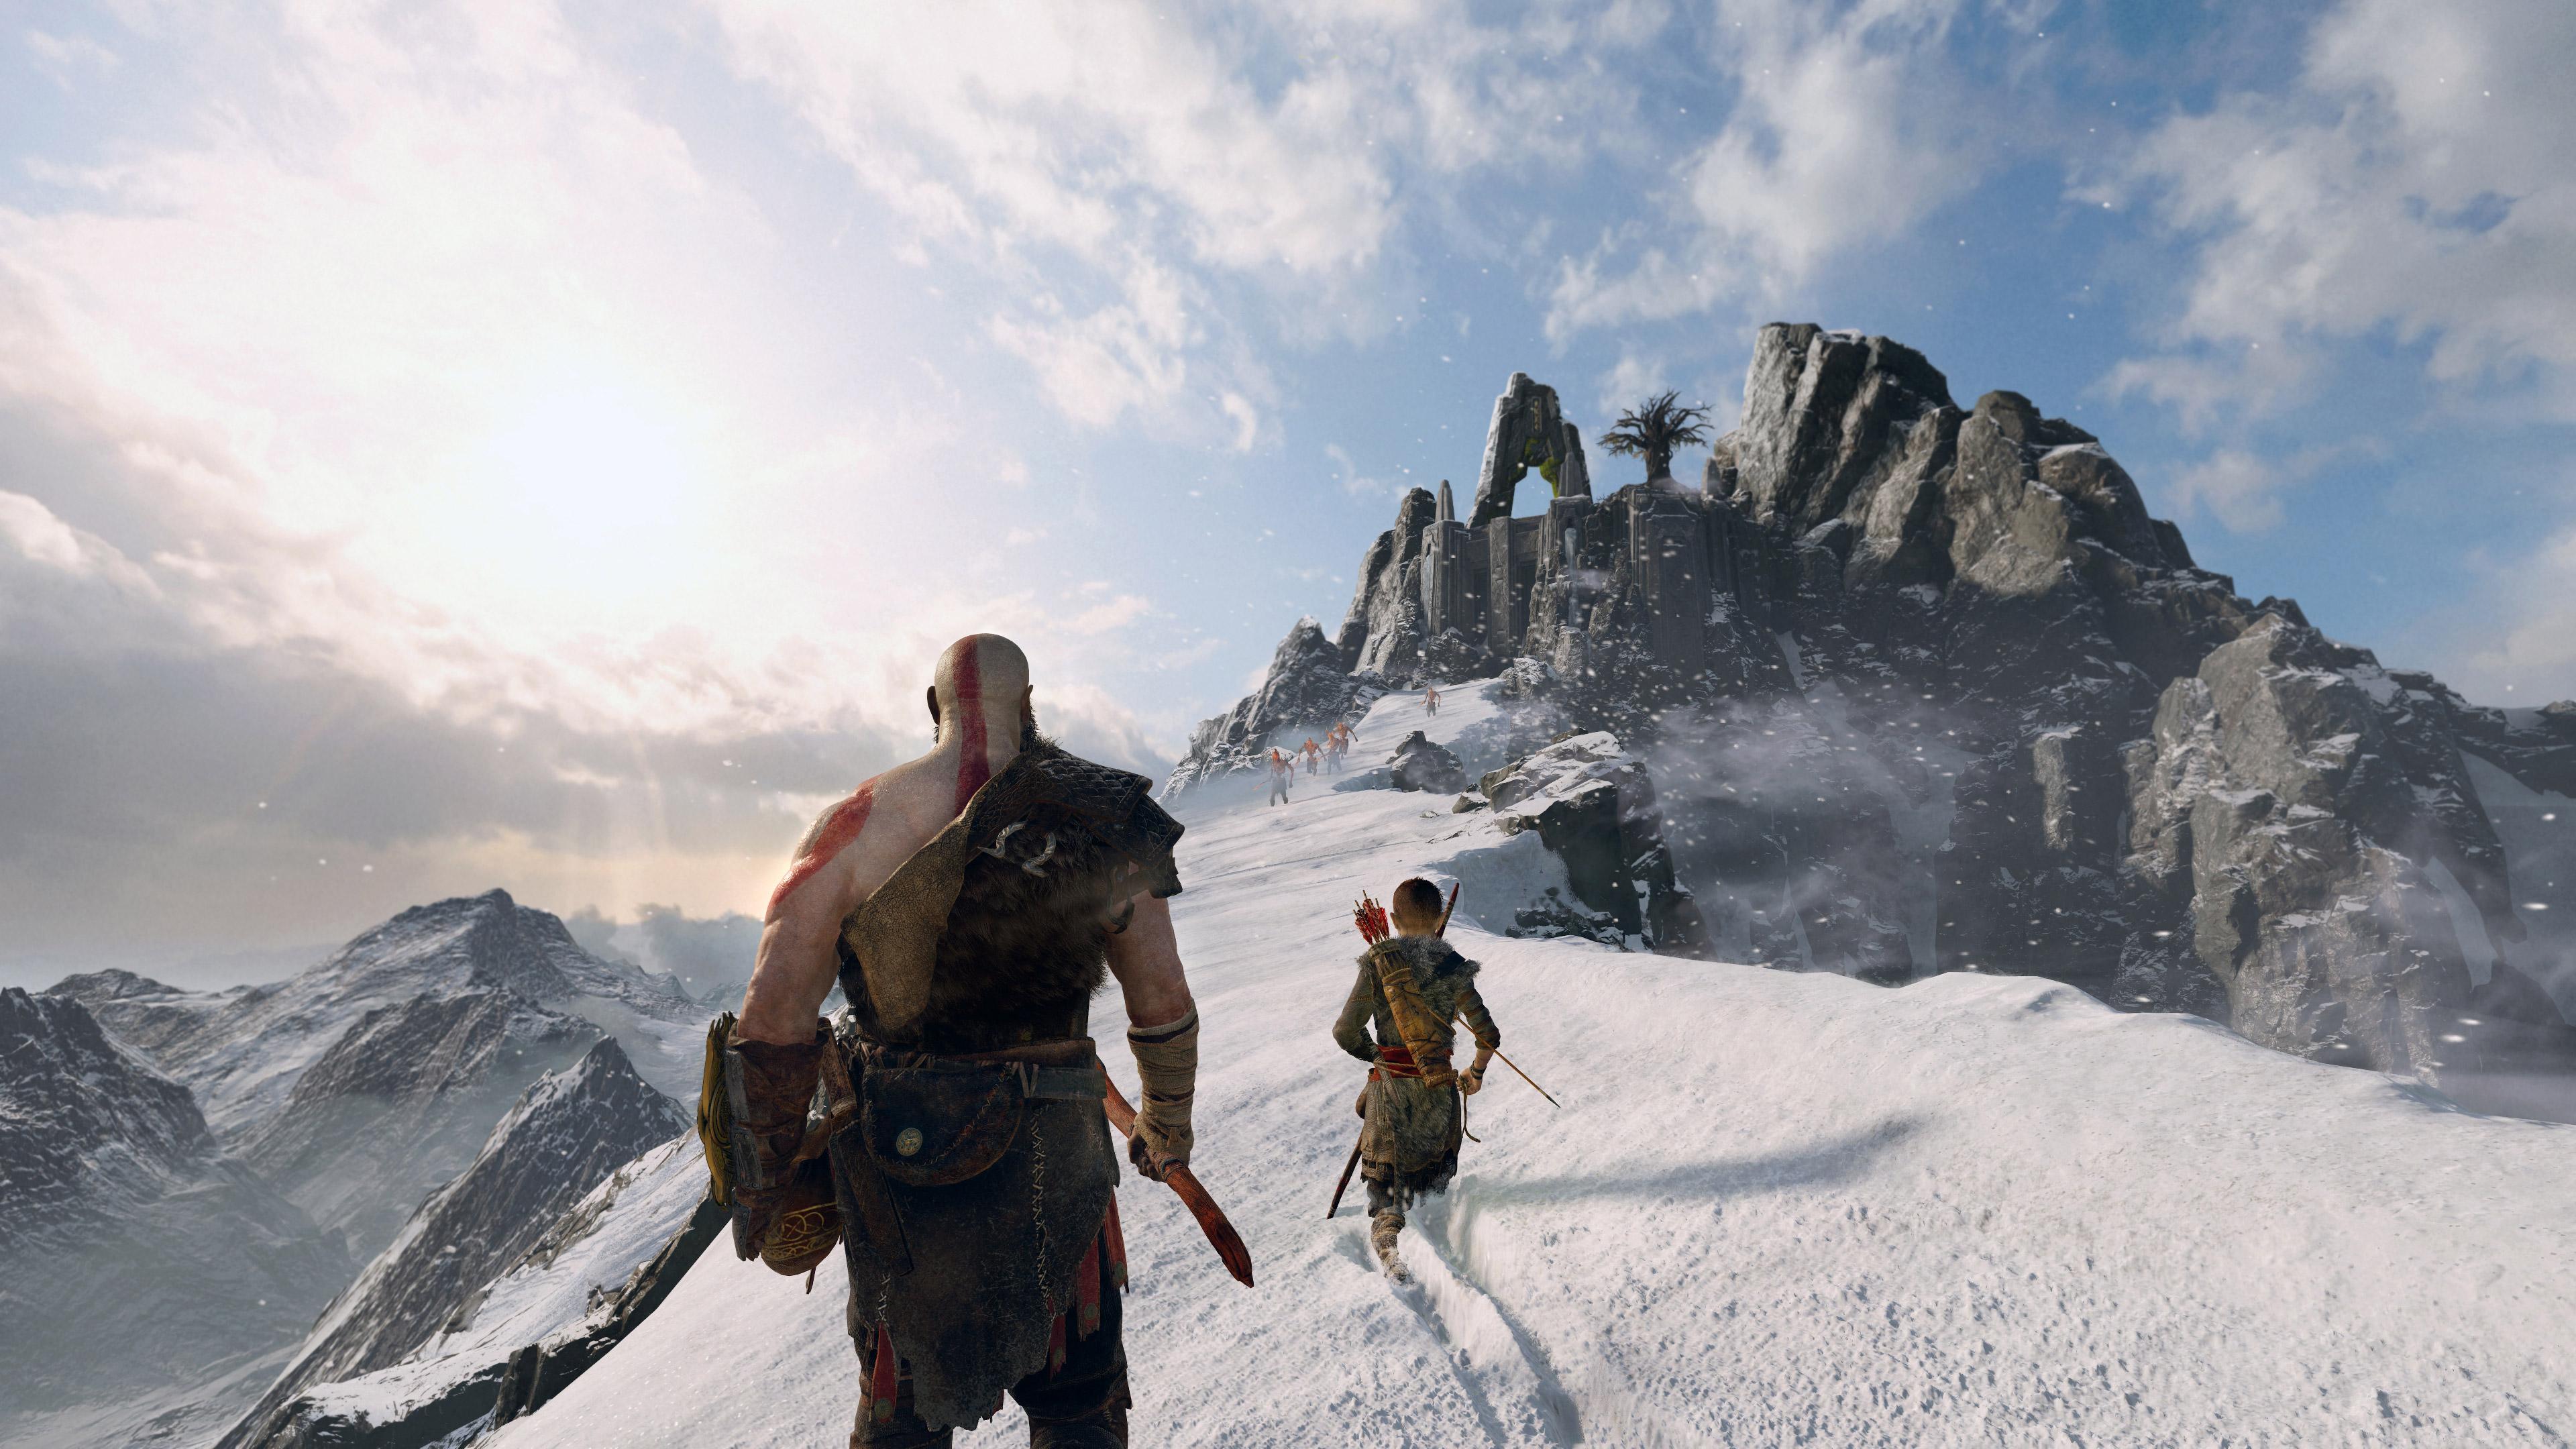 God of War - Kratos and Atreus walking through the snow